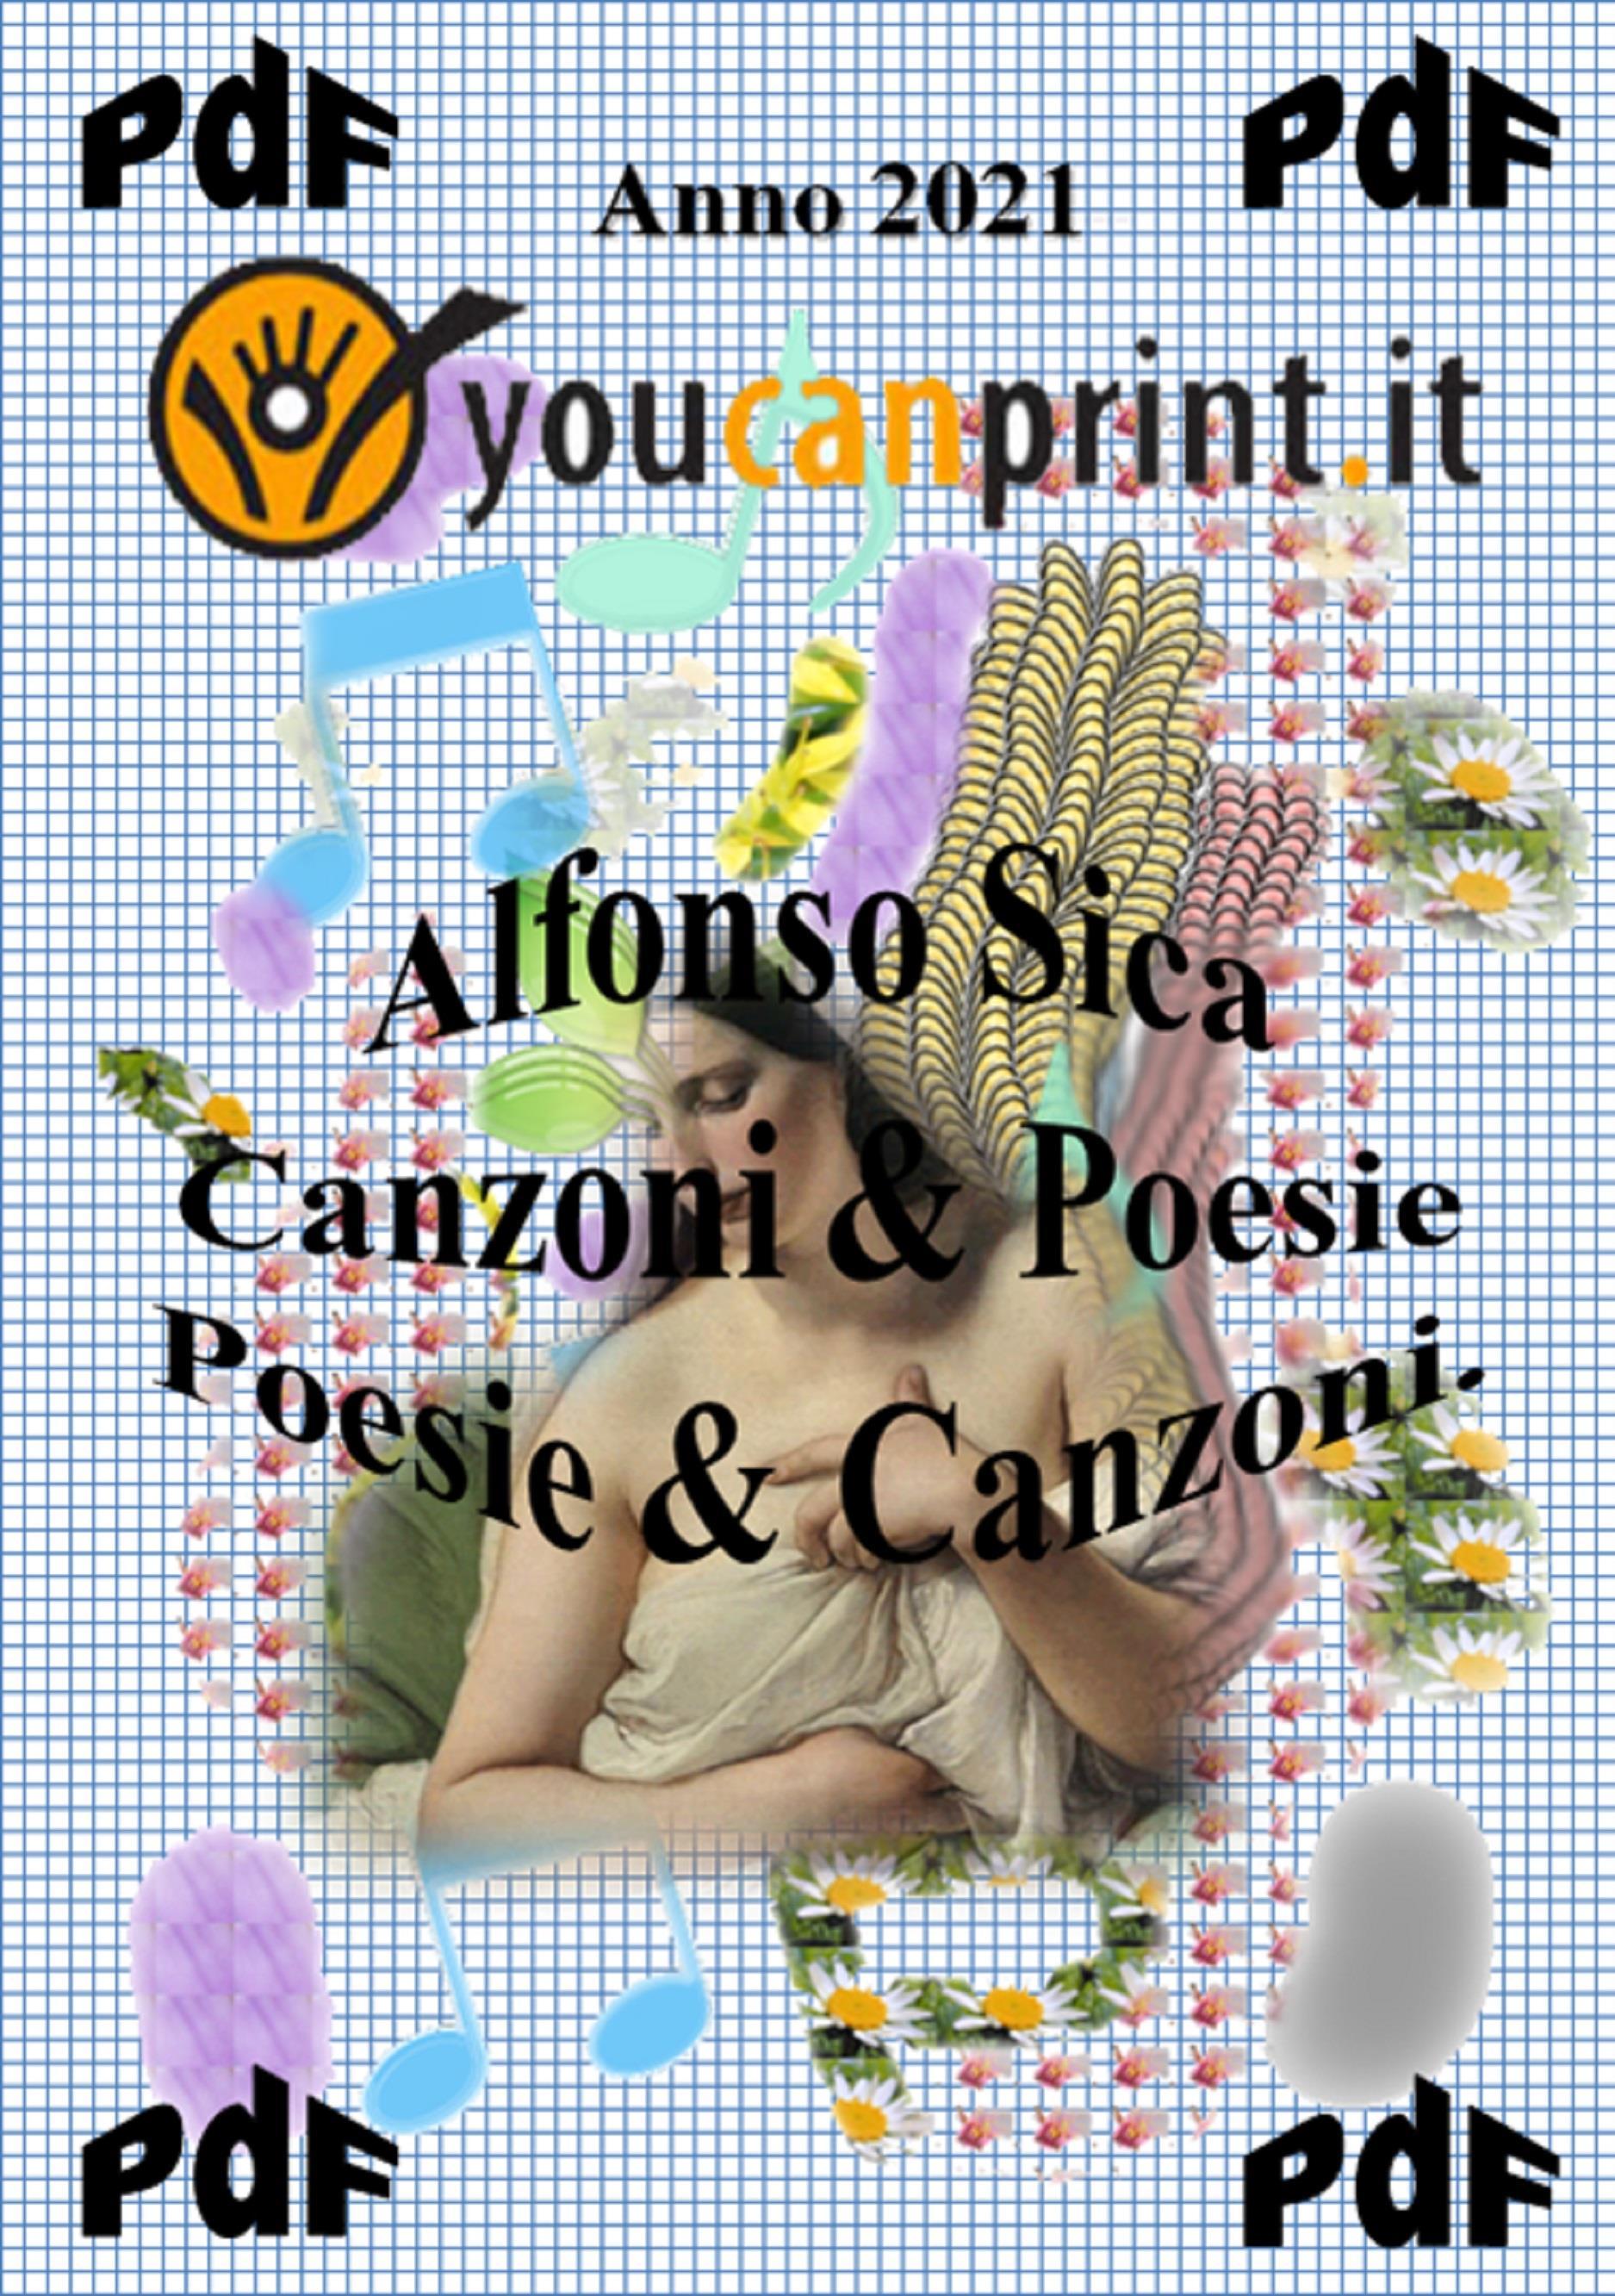 Canzoni & Poesie Poesie & Canzoni. & Favole Ispirate da Jean De La Fontaine.